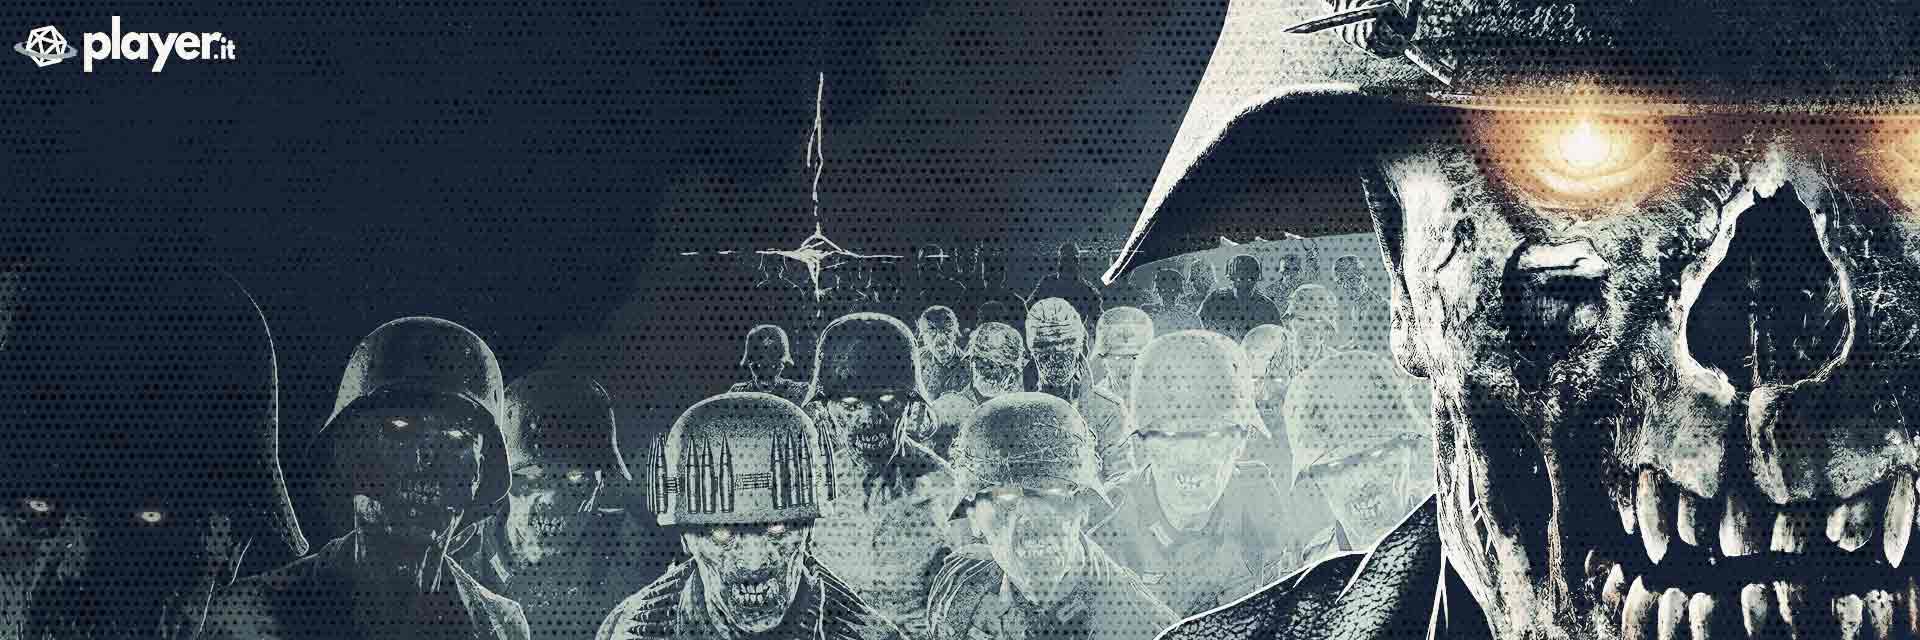 Zombie Army 4 Dead War wallpaper in hd